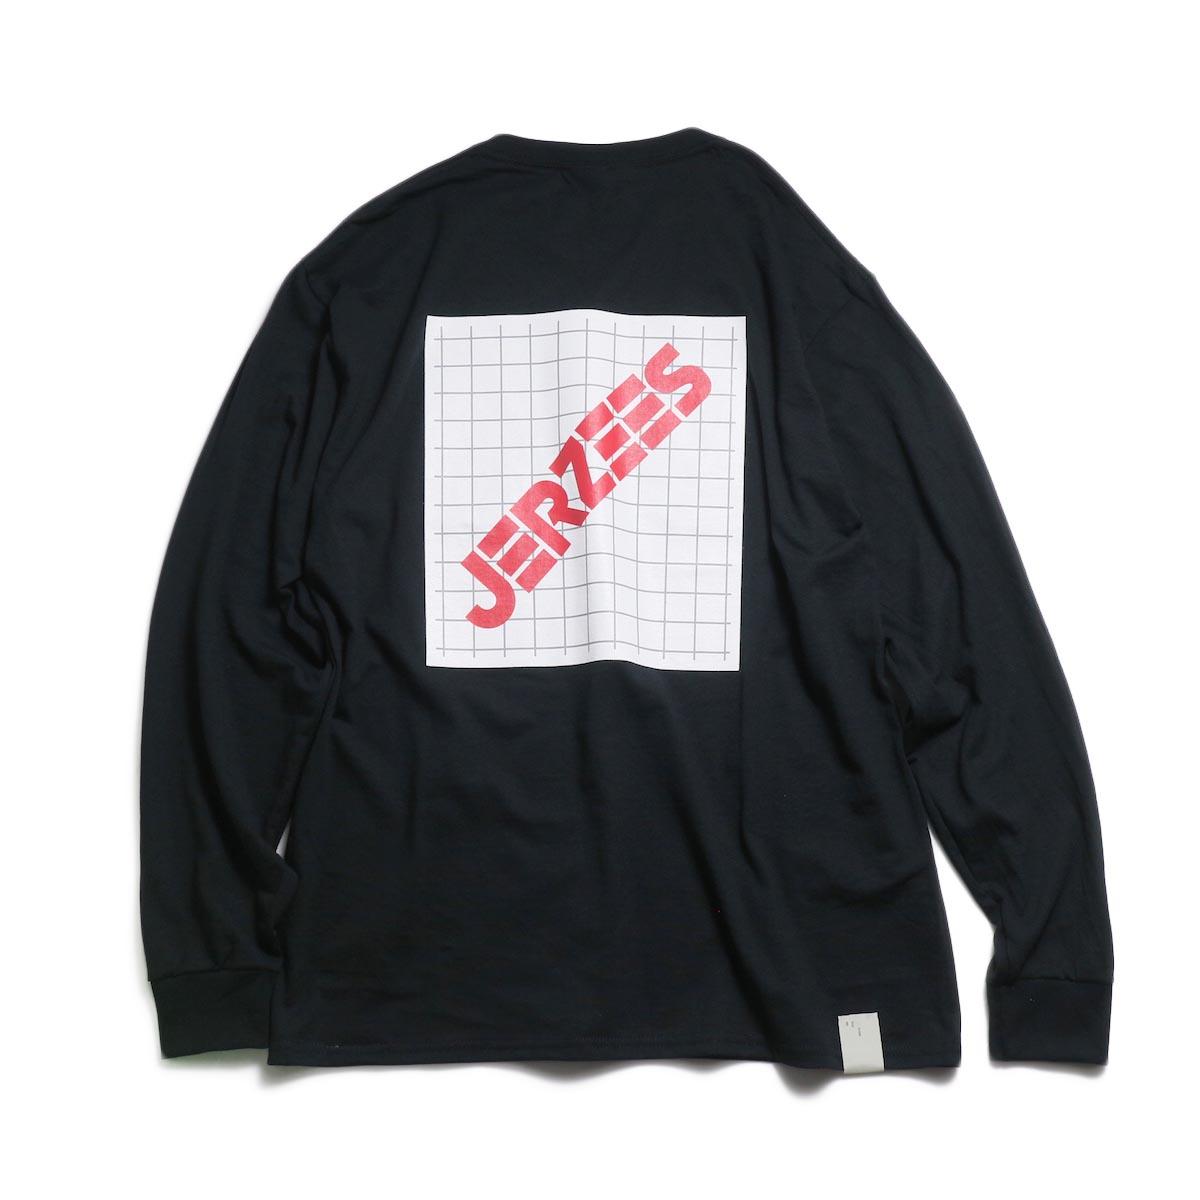 N.HOOLYWOOD × JERZEES  / 191-CS43-070 Long Sleeve Tee -Black 背面